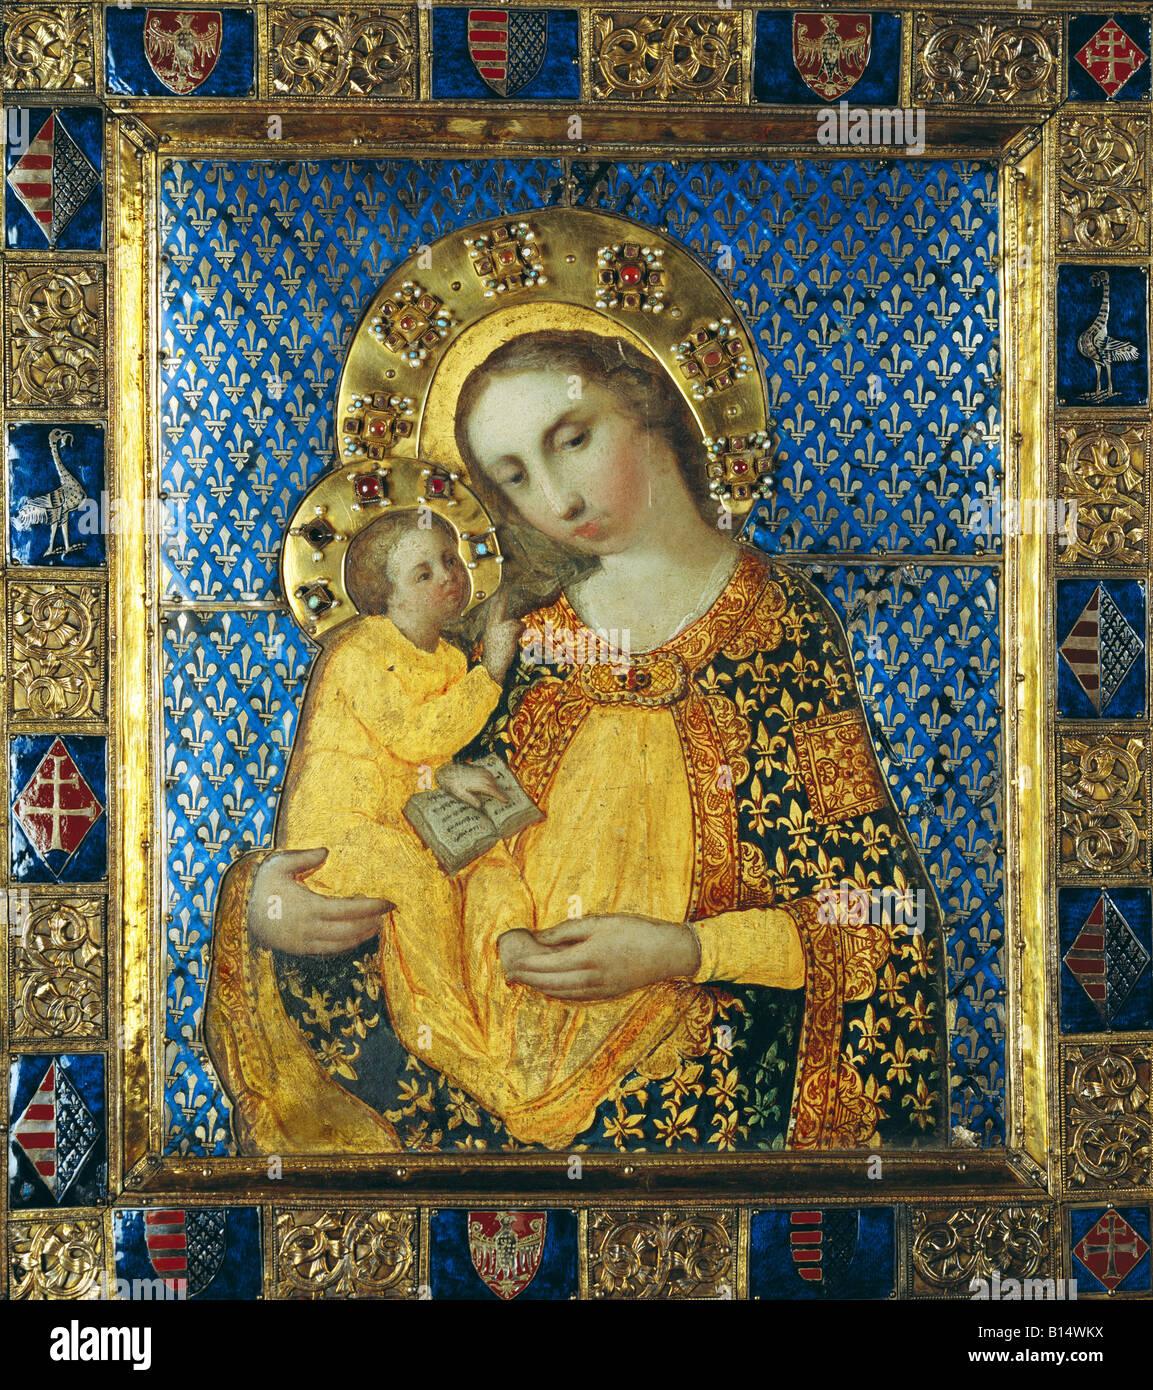 Bildende Kunst, religiöse Kunst, Jungfrau Maria mit Kind, Malerei, Tempera auf Holz, gilted Silber mit Emaille und Stockfoto